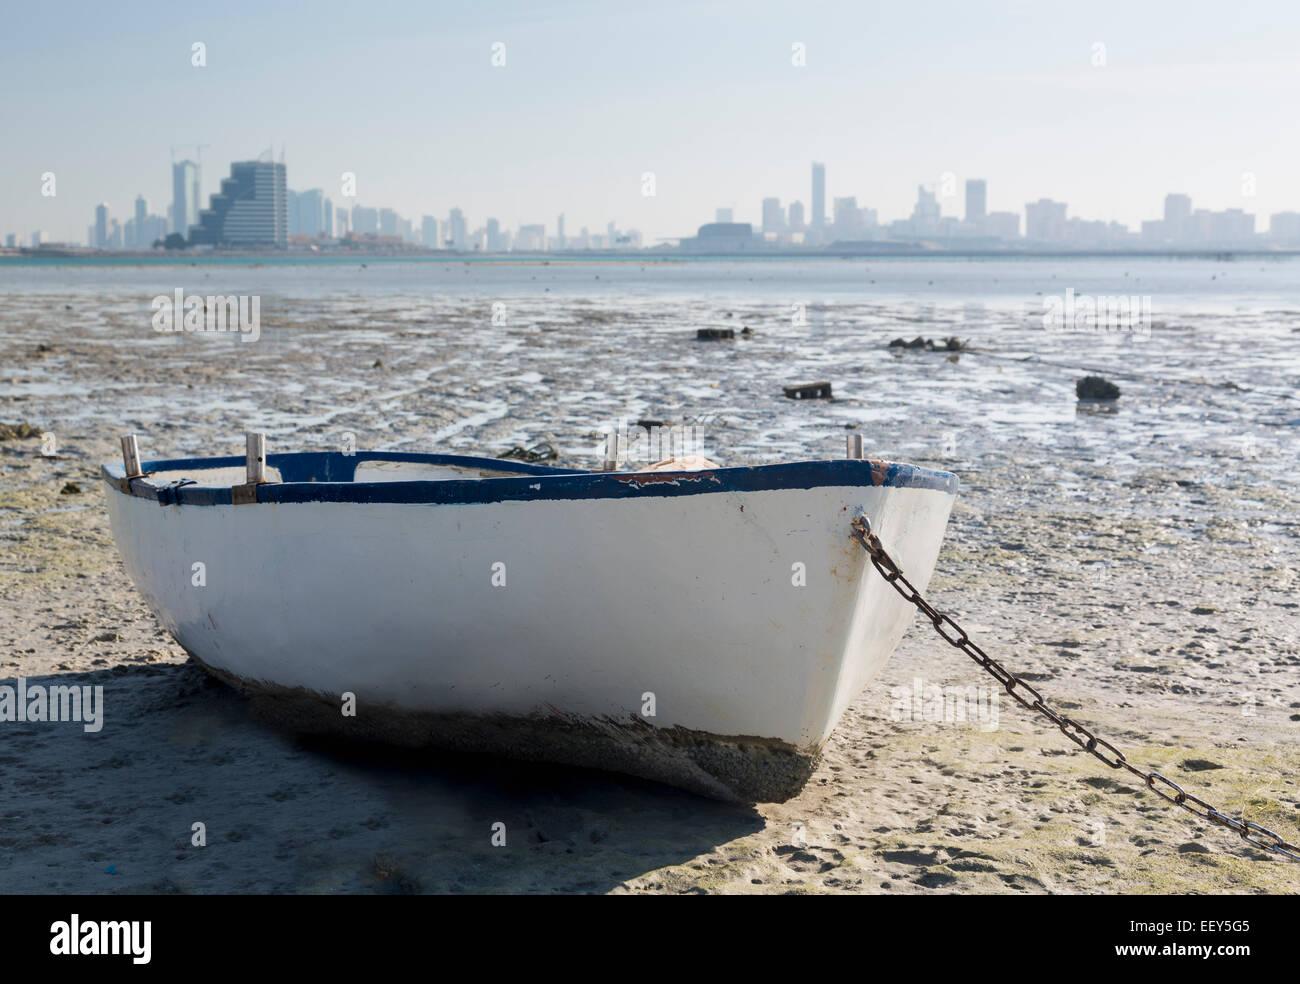 Barco de pesca en waterside con vistas a Manama, Bahrein, Oriente Medio Imagen De Stock